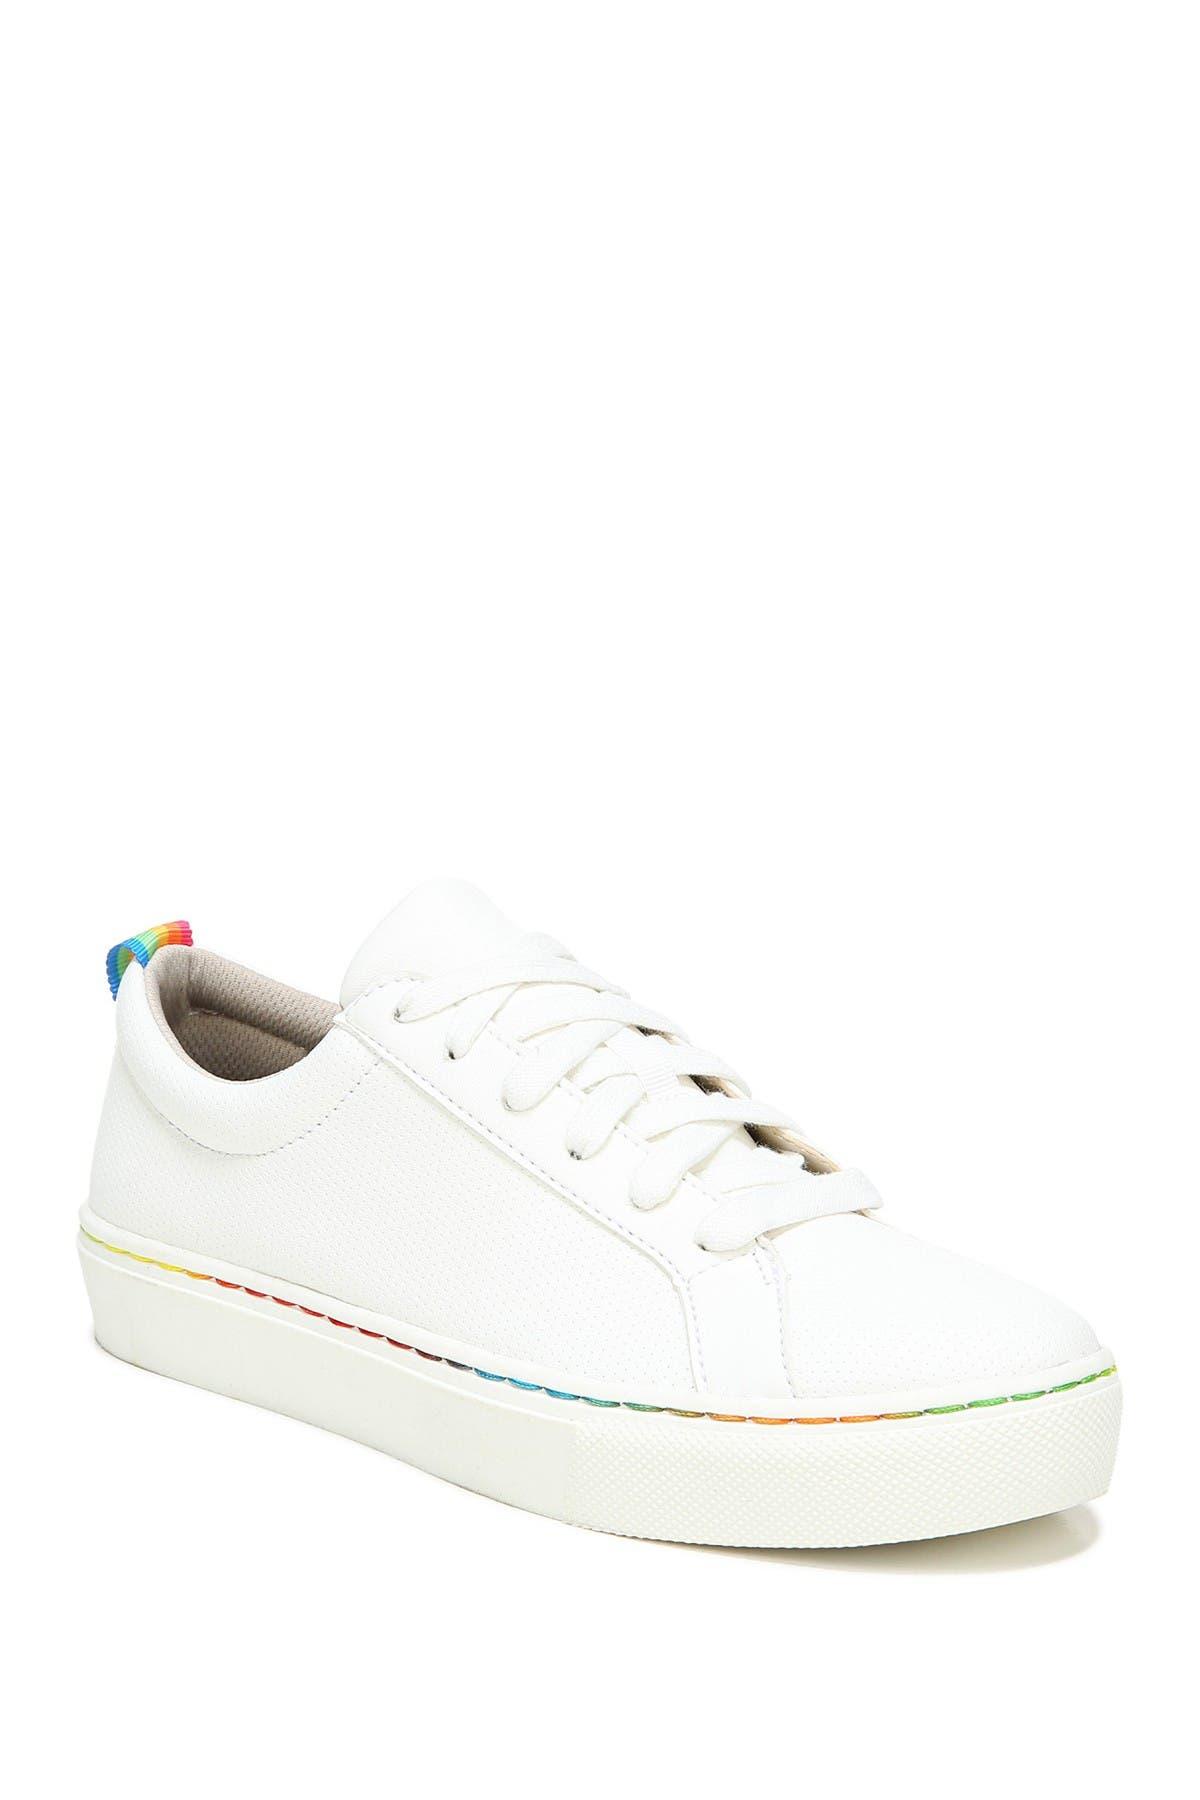 Image of Dr. Scholl's No Bad Pride Sneaker